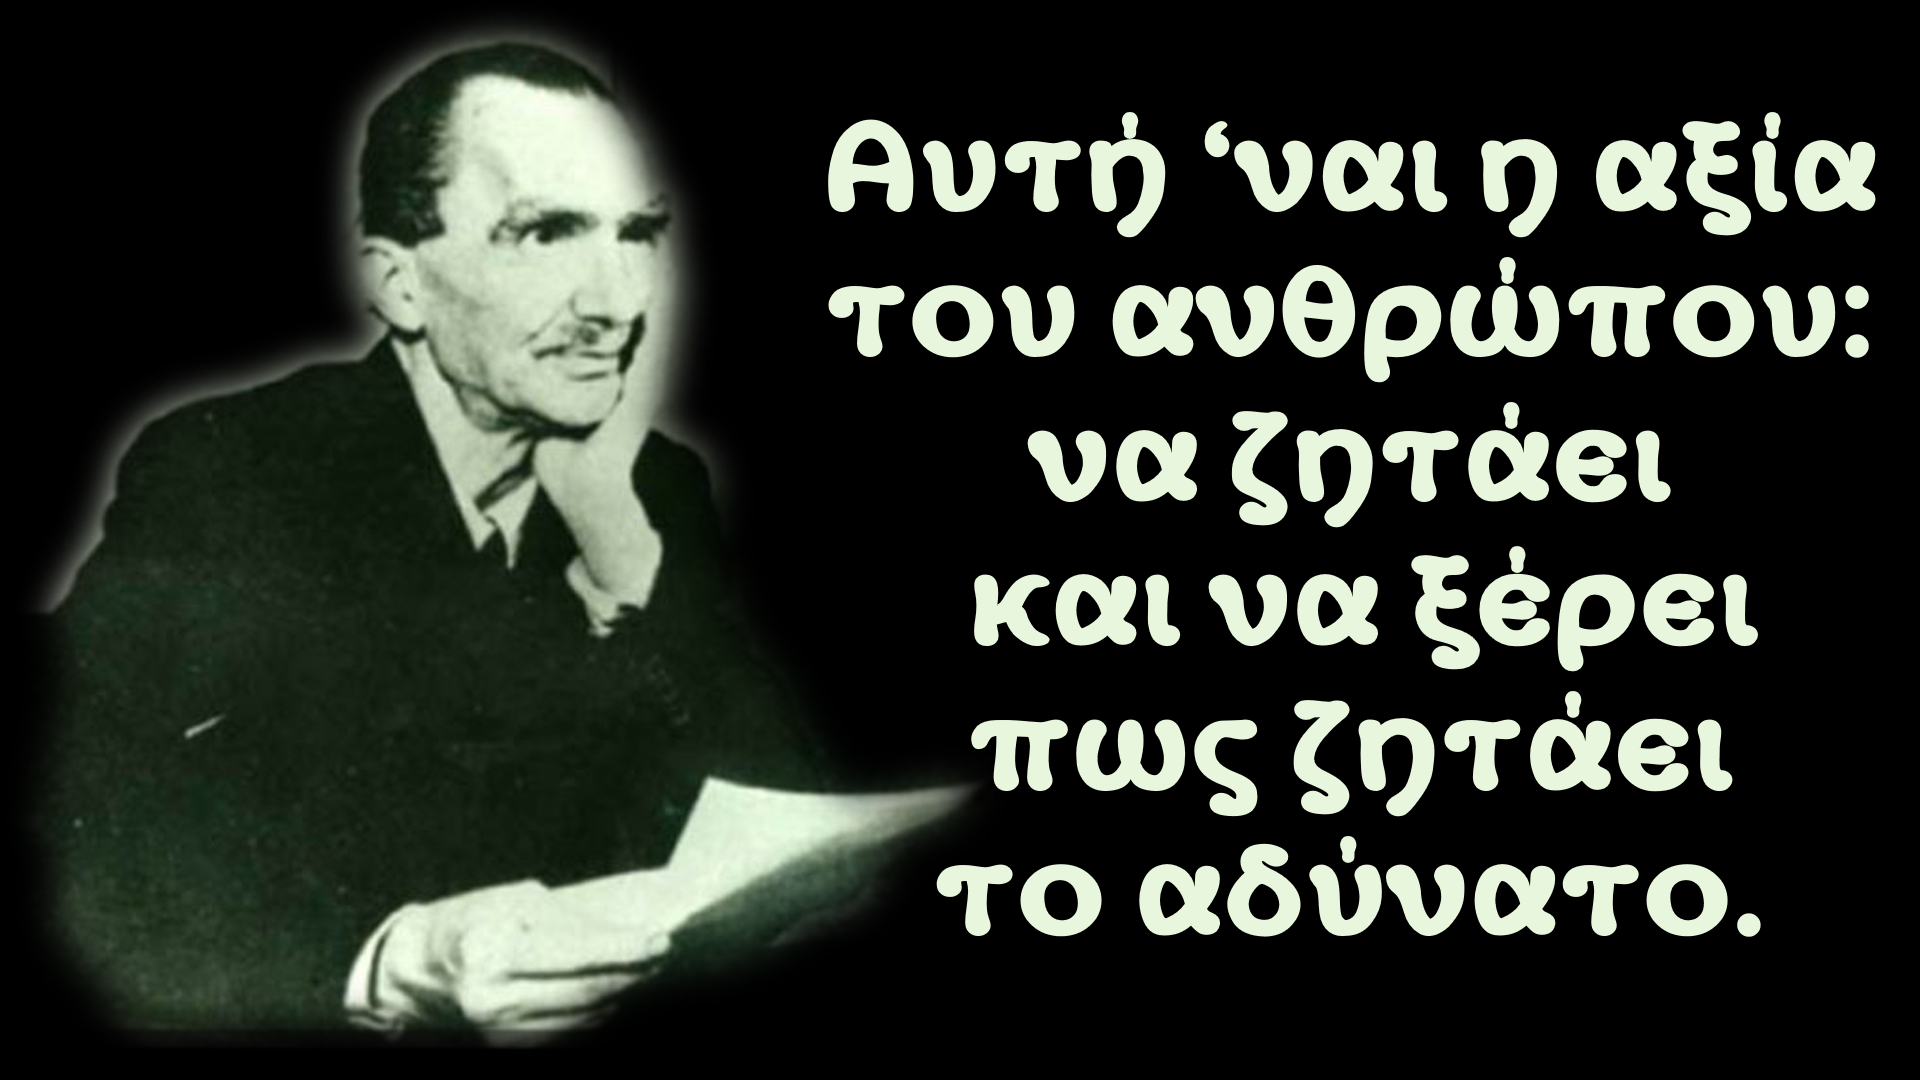 Ν. Καζαντζάκης: «Η αξία του ανθρώπου είναι να ζητάει το αδύνατο»